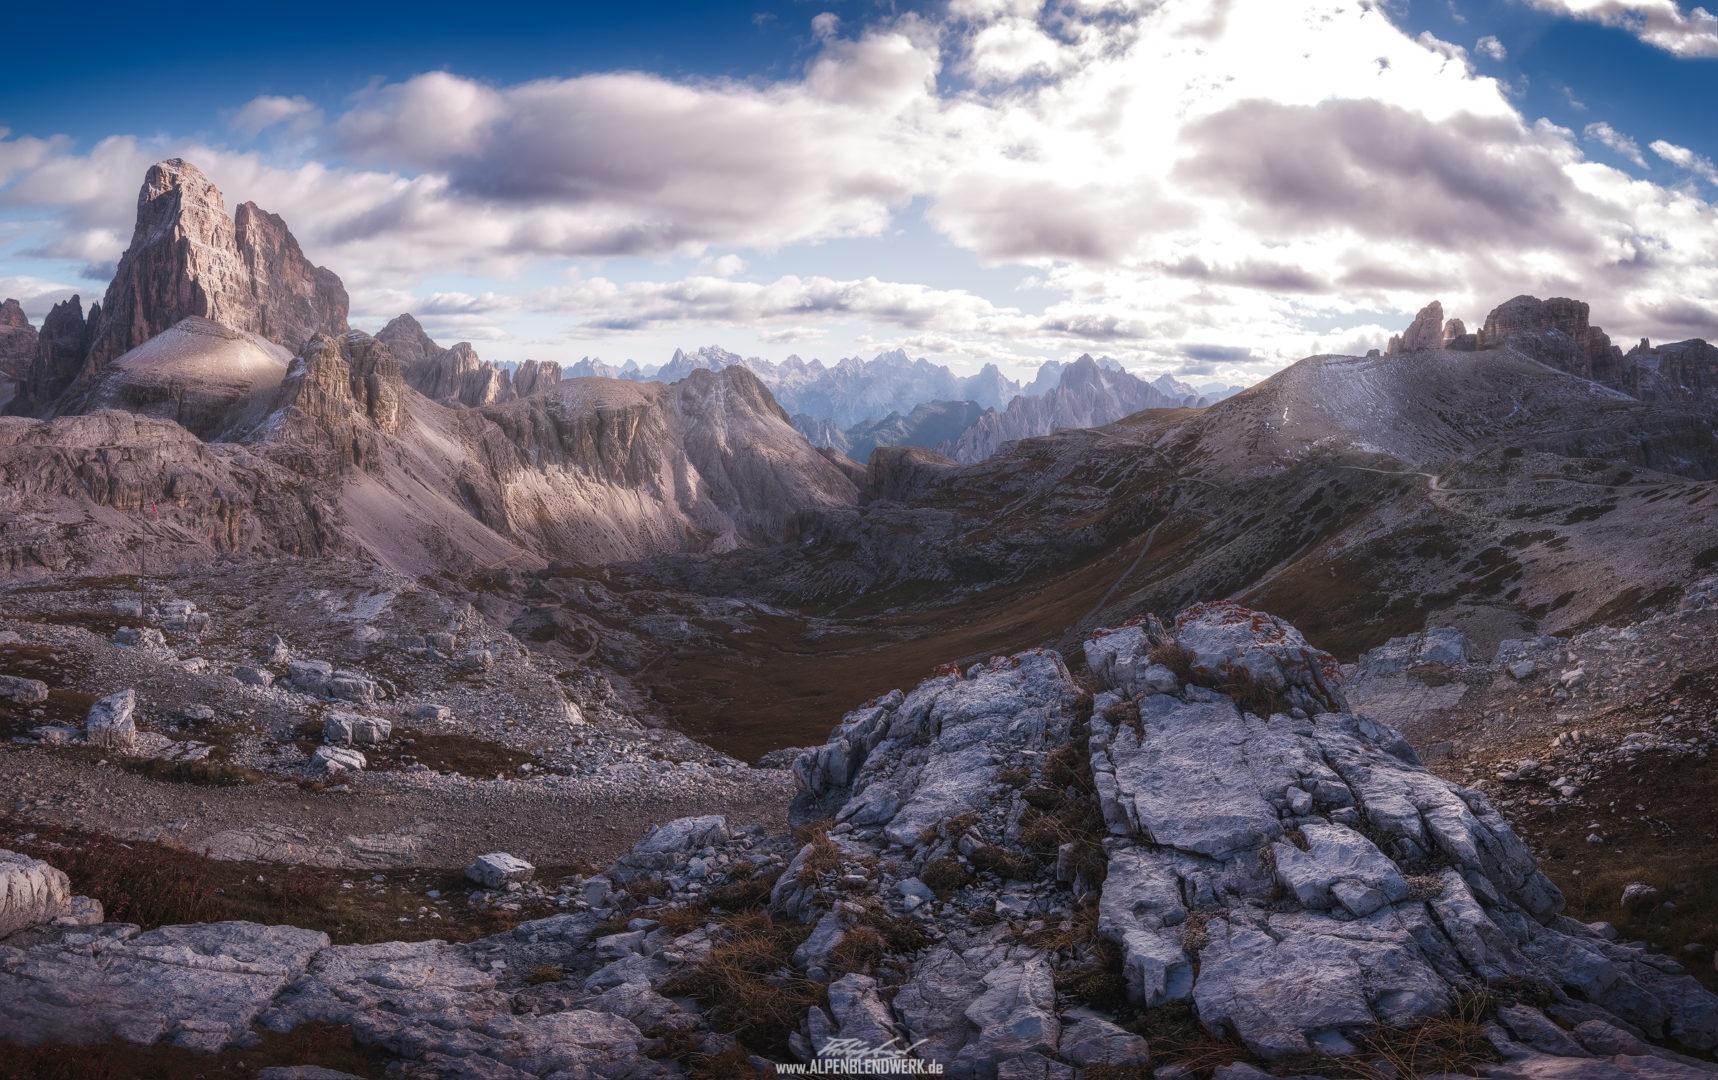 Dolomiten Panorama Berge